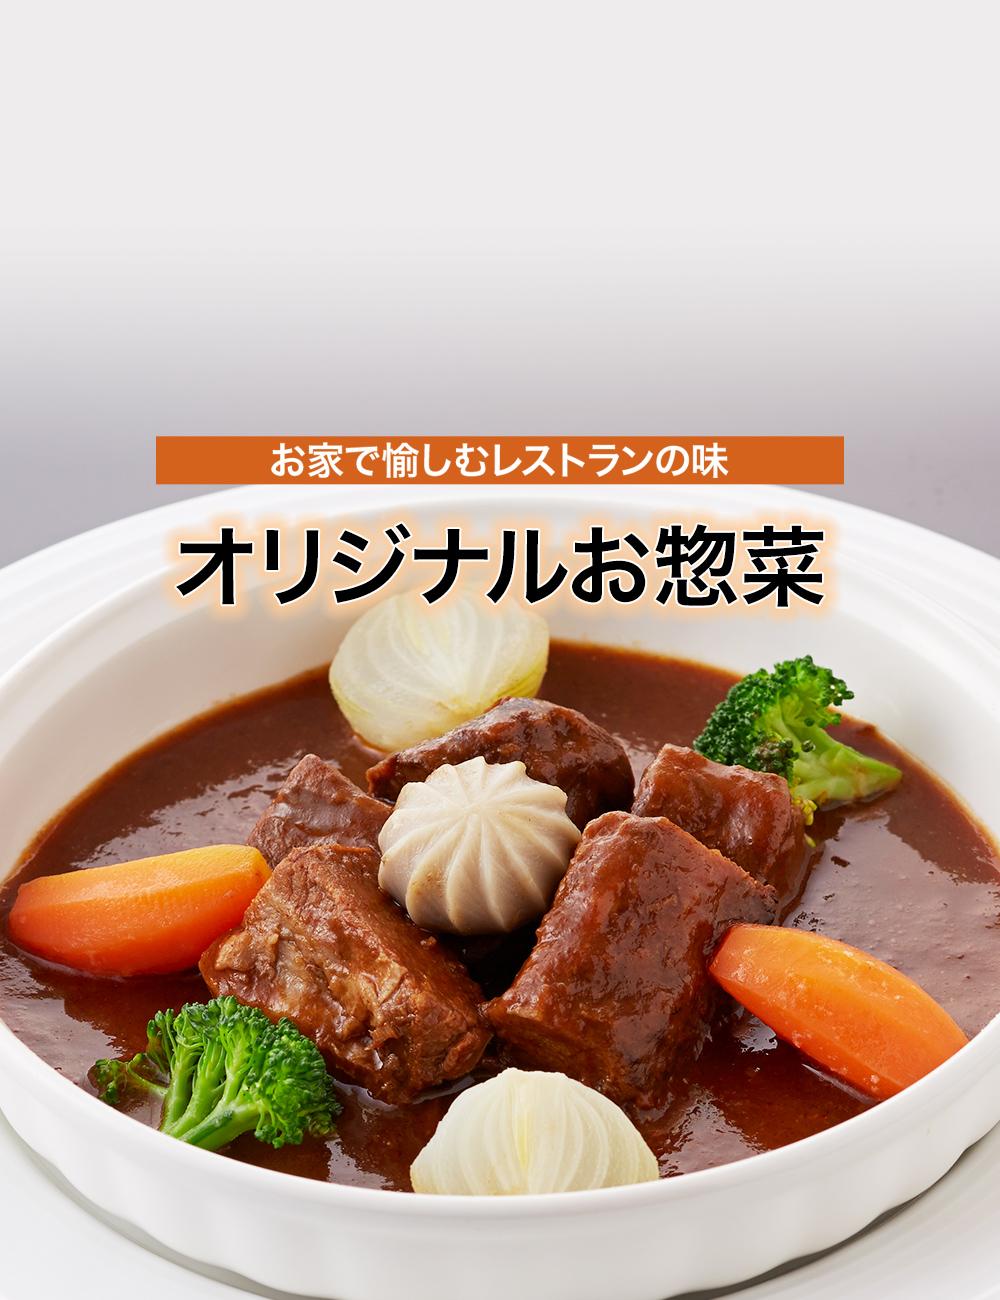 オリジナル惣菜